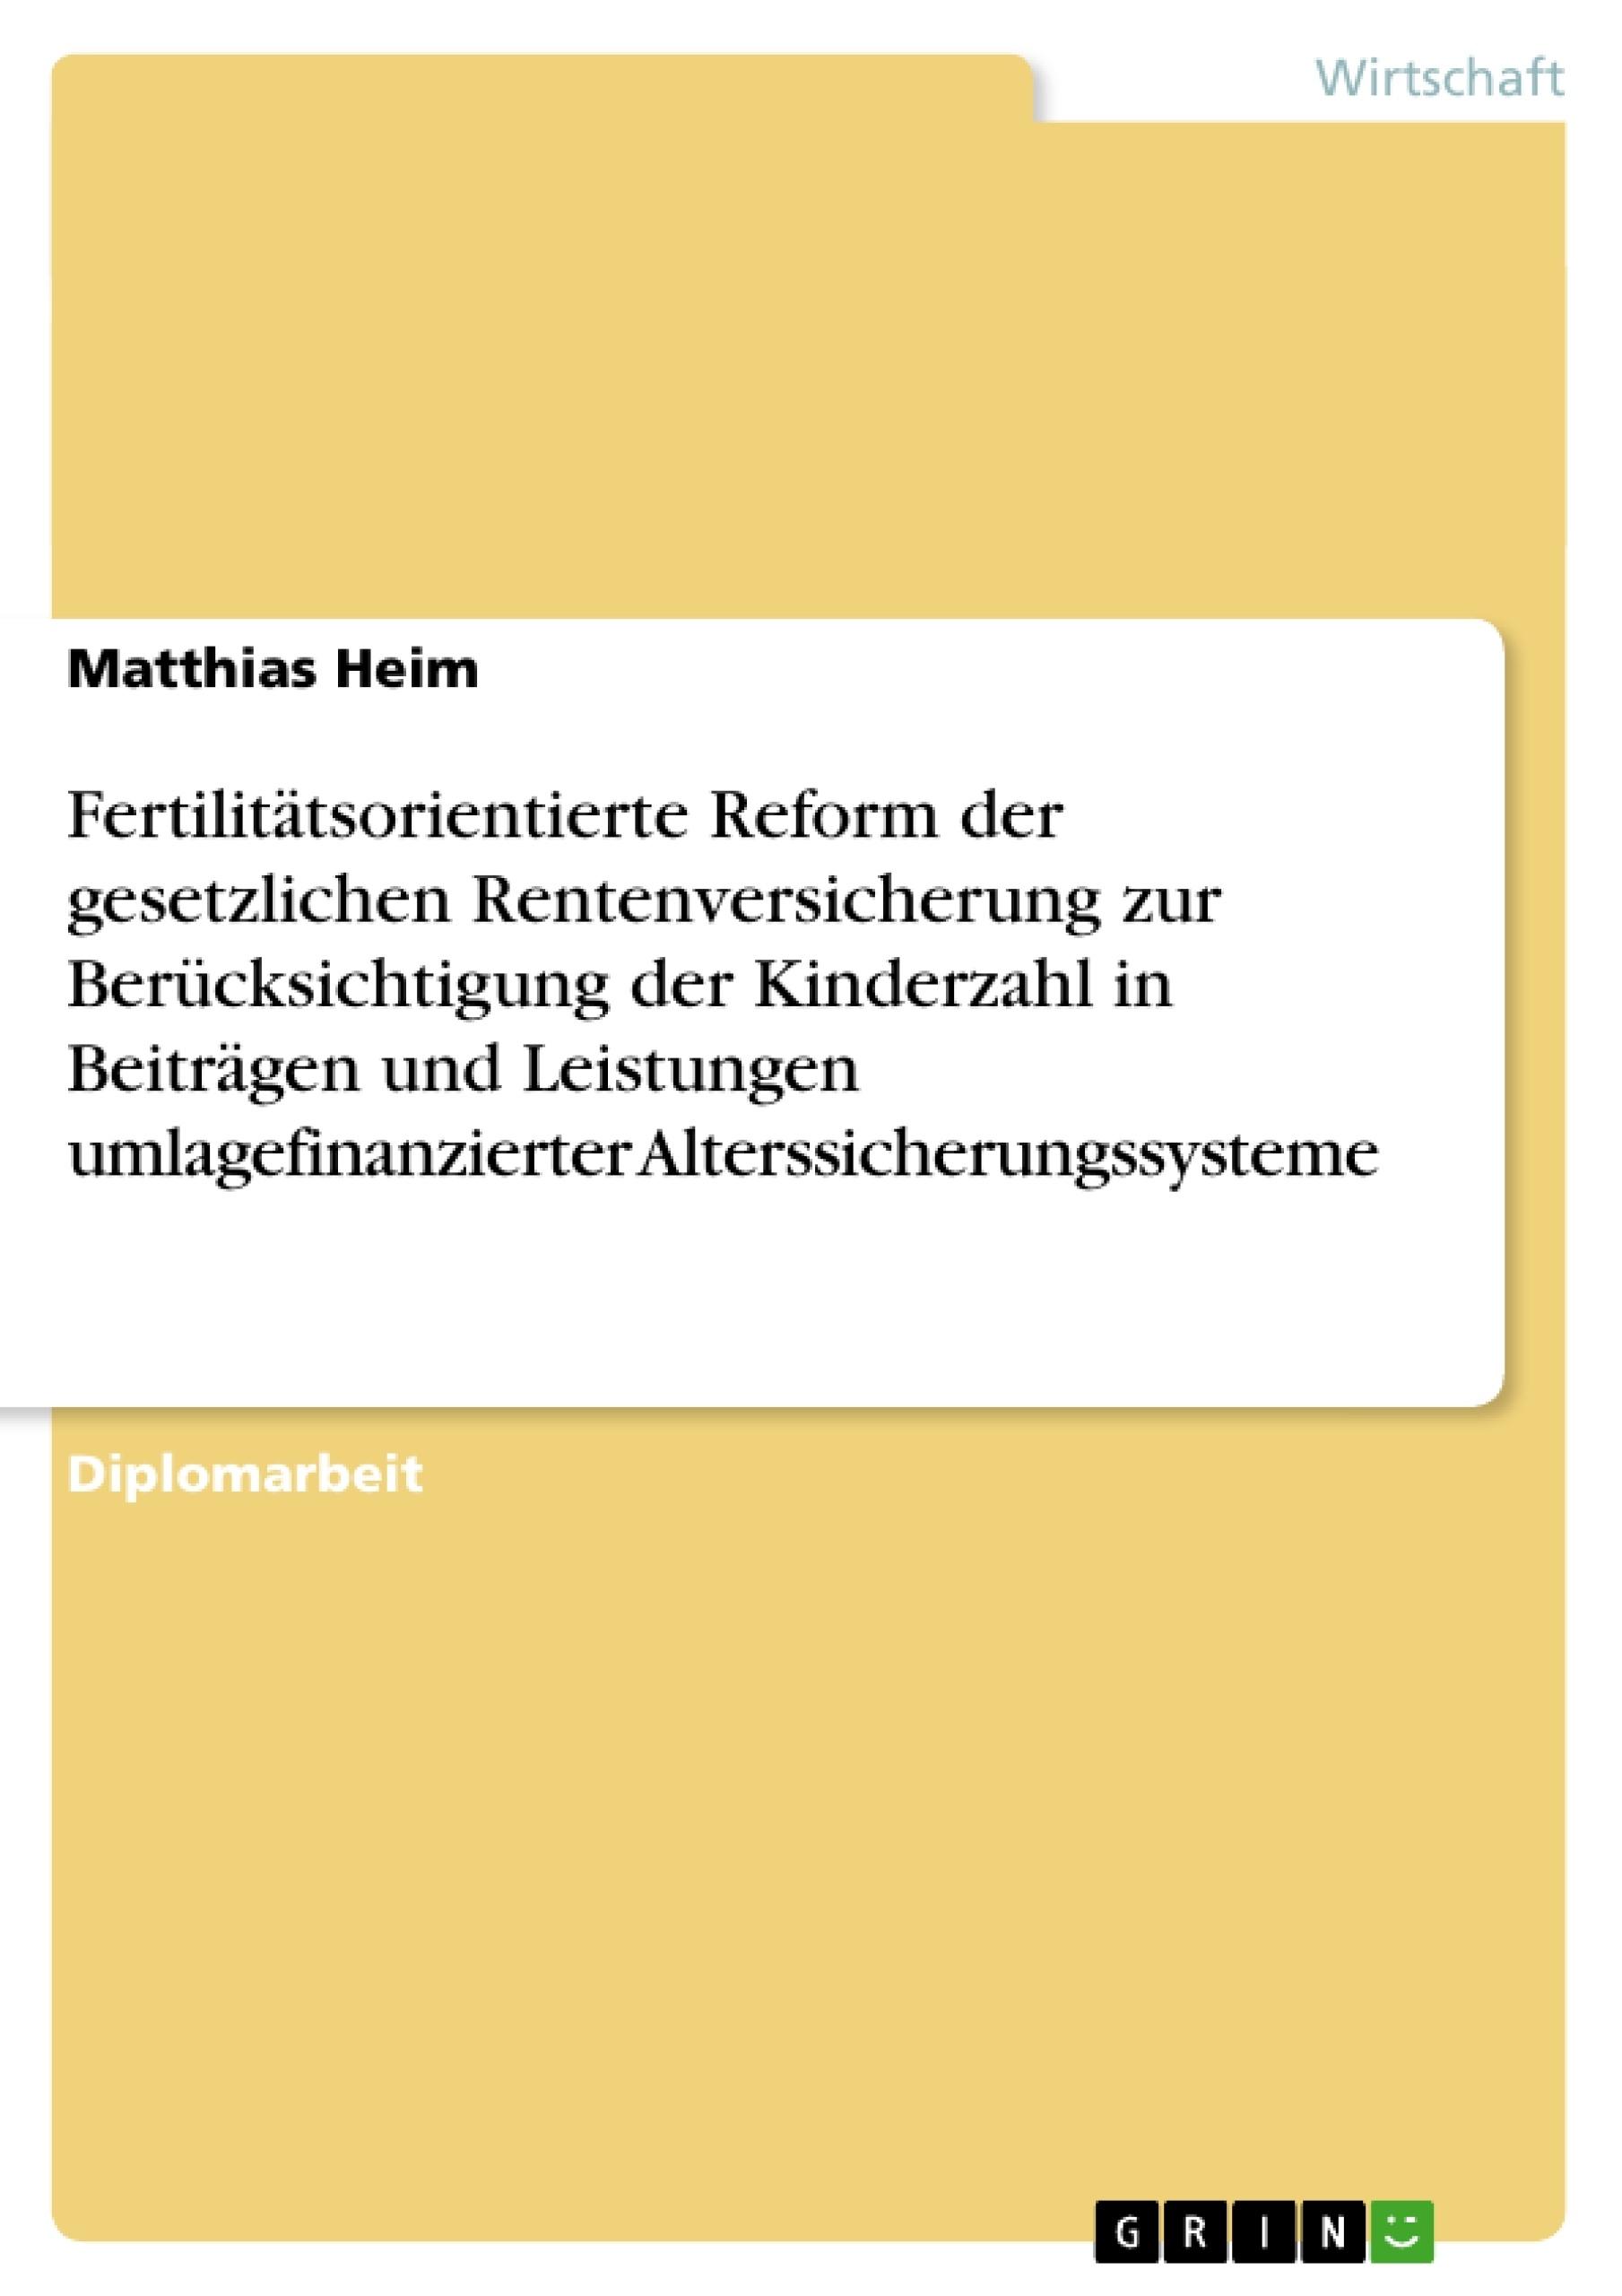 Titel: Fertilitätsorientierte Reform der gesetzlichen Rentenversicherung zur Berücksichtigung der Kinderzahl in Beiträgen und Leistungen umlagefinanzierter Alterssicherungssysteme